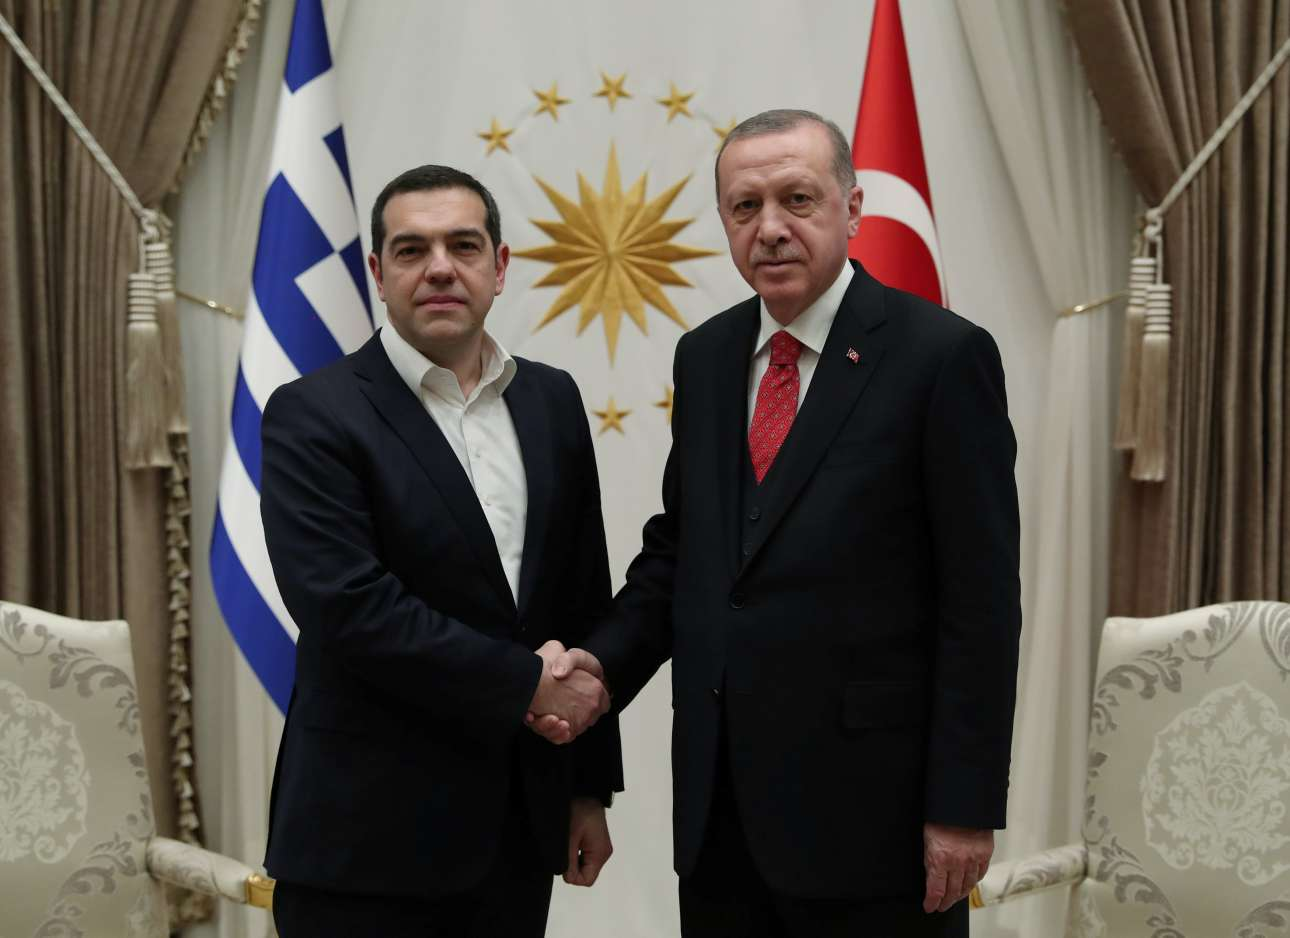 Ιστορική φωτογραφία: η πρώτη επίσκεψη Πρωθυπουργού της Ελλάδας στην τουρκική πρωτεύουσα, εδώ και 11 χρόνια